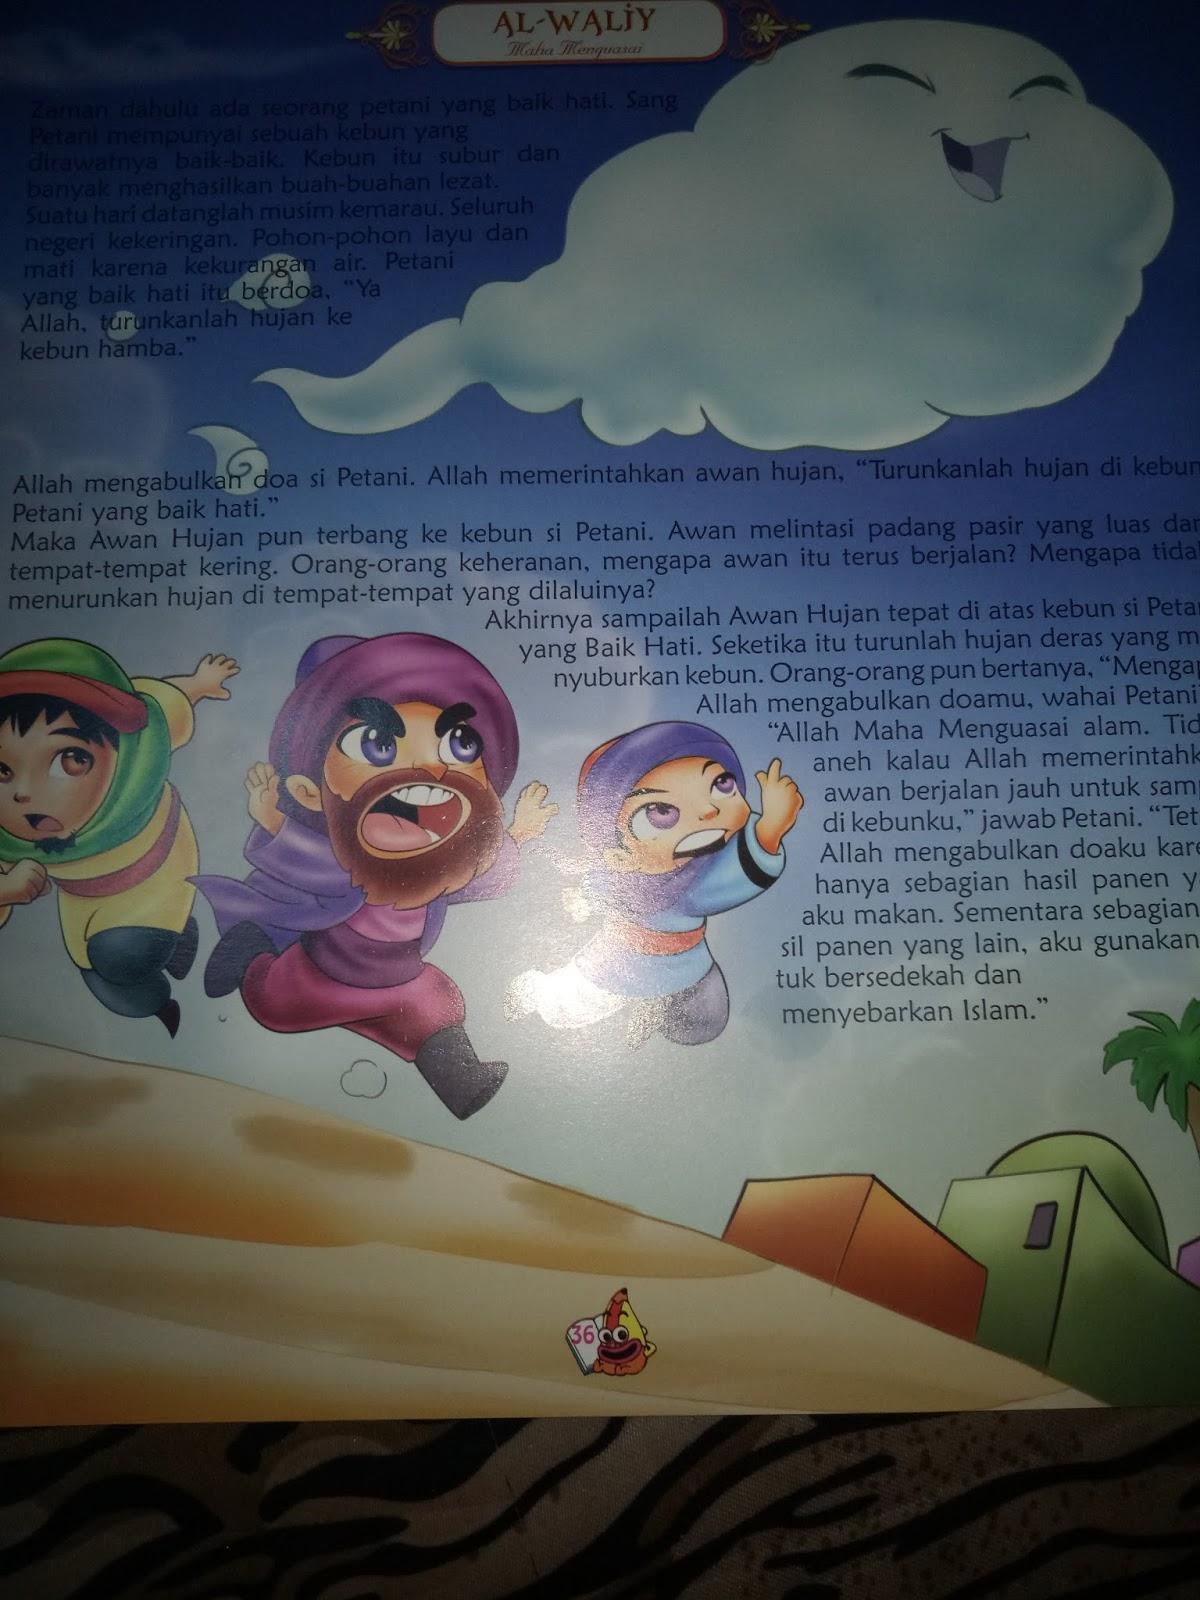 Cerita Asmaul Husna Al Waliy Maha Menguasai Alhamdulillah Buatlah Gambar